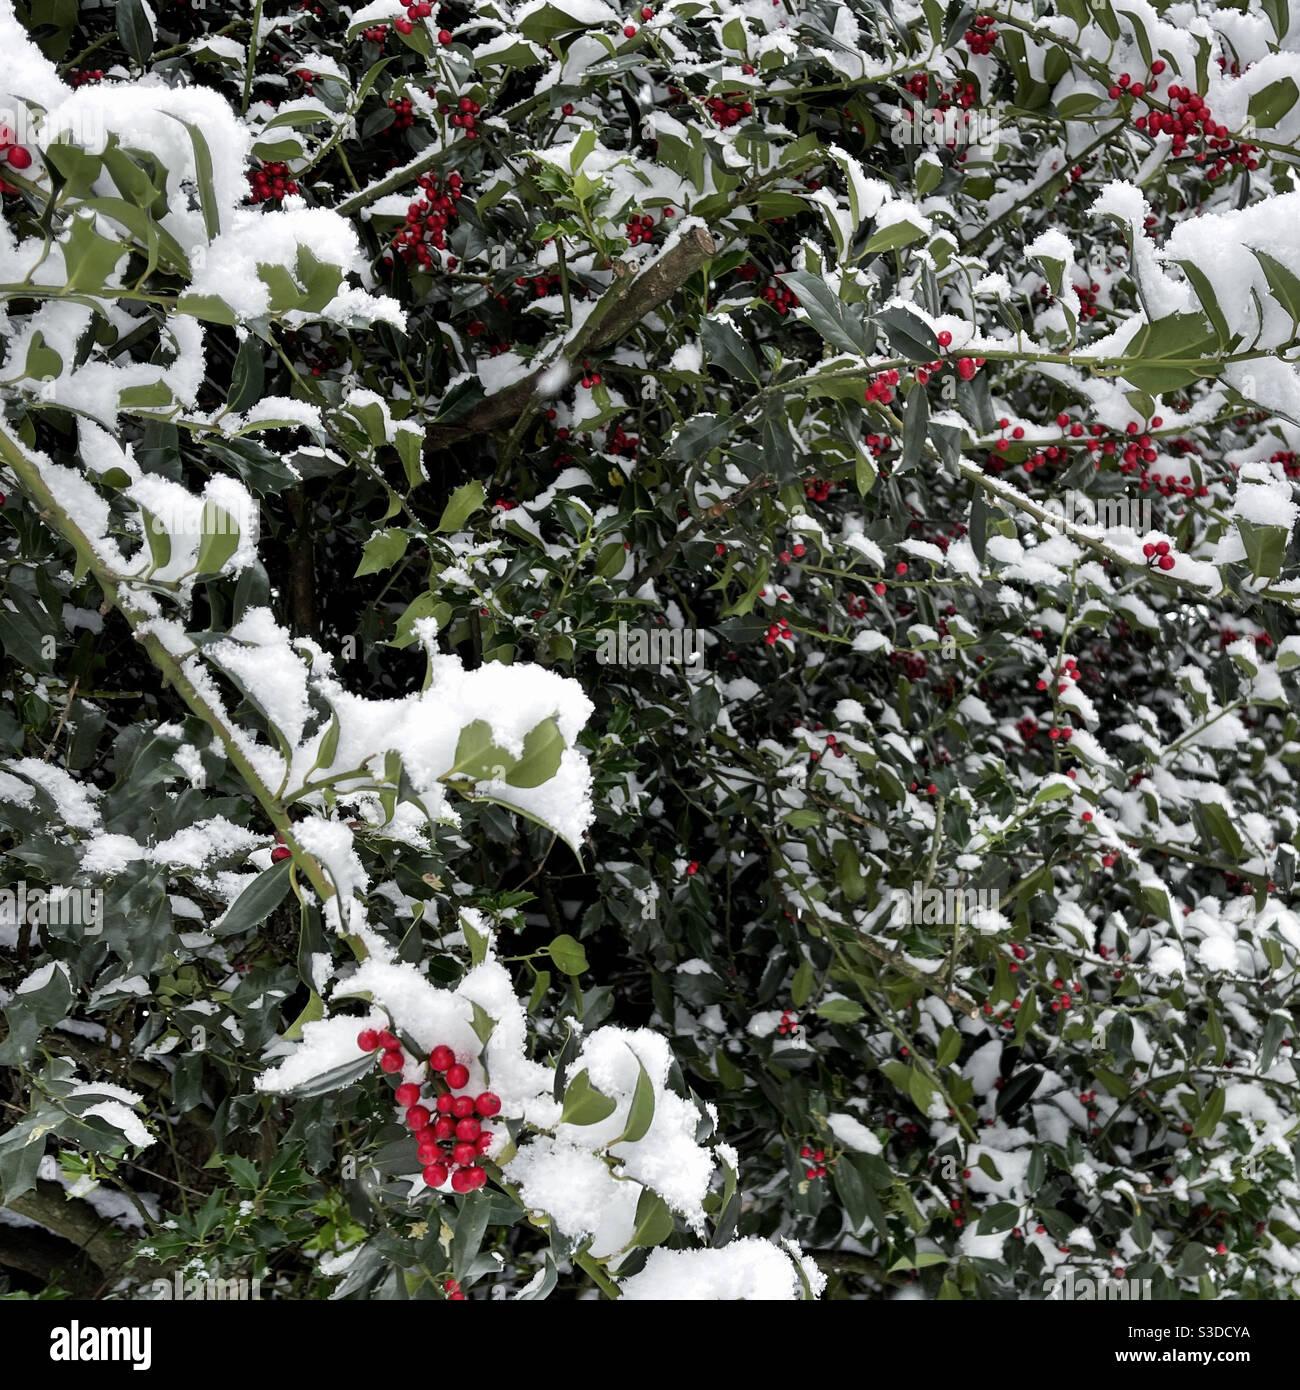 Holly Baum mit roten Beeren unter Schnee Stockfoto